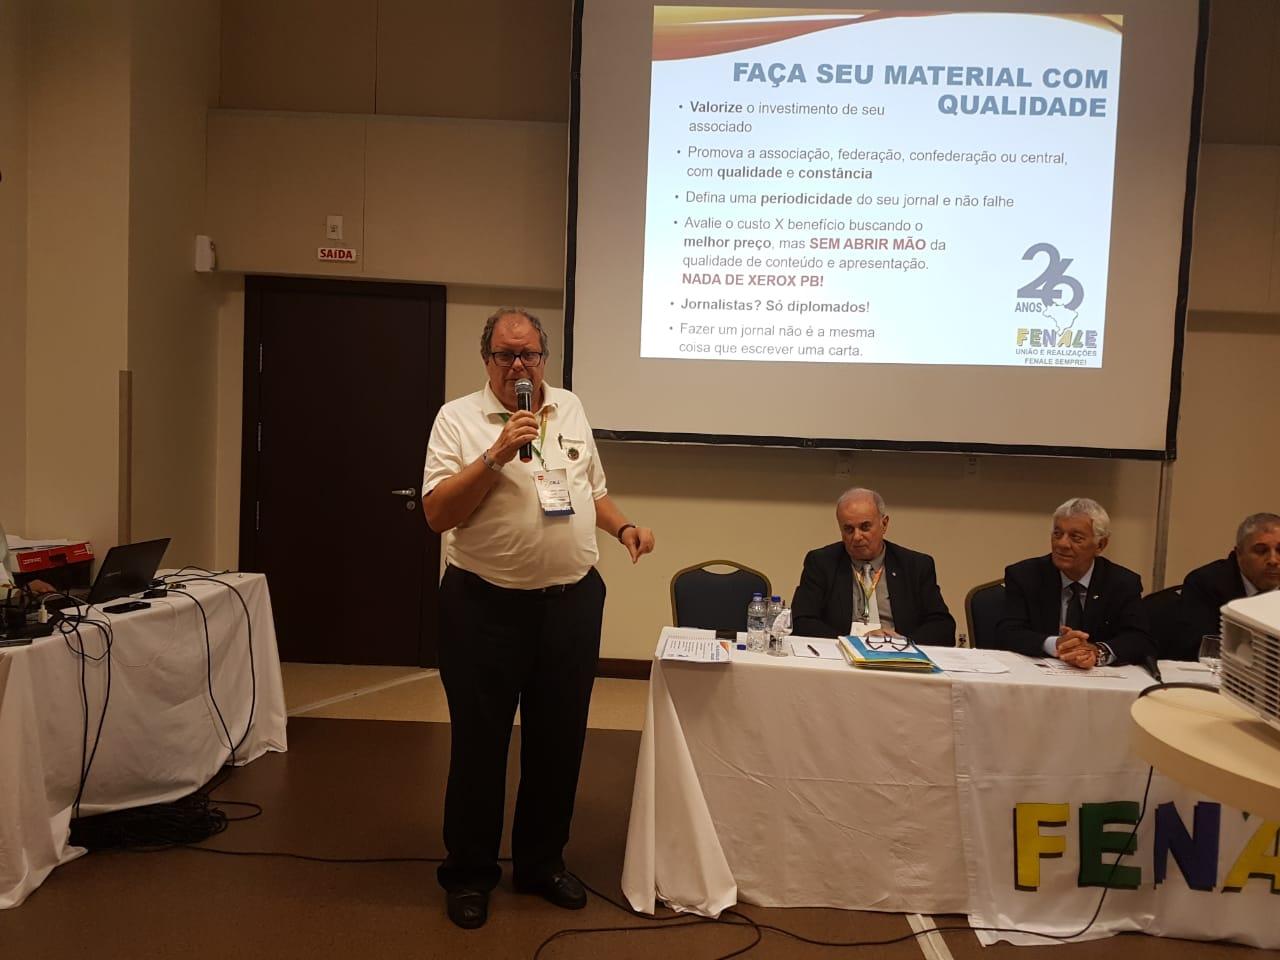 Apresentação de Gaspar  Bissolotti Neto sobre a importância da comunicação no Encontro da Fenale, em Salvador -Bahia.